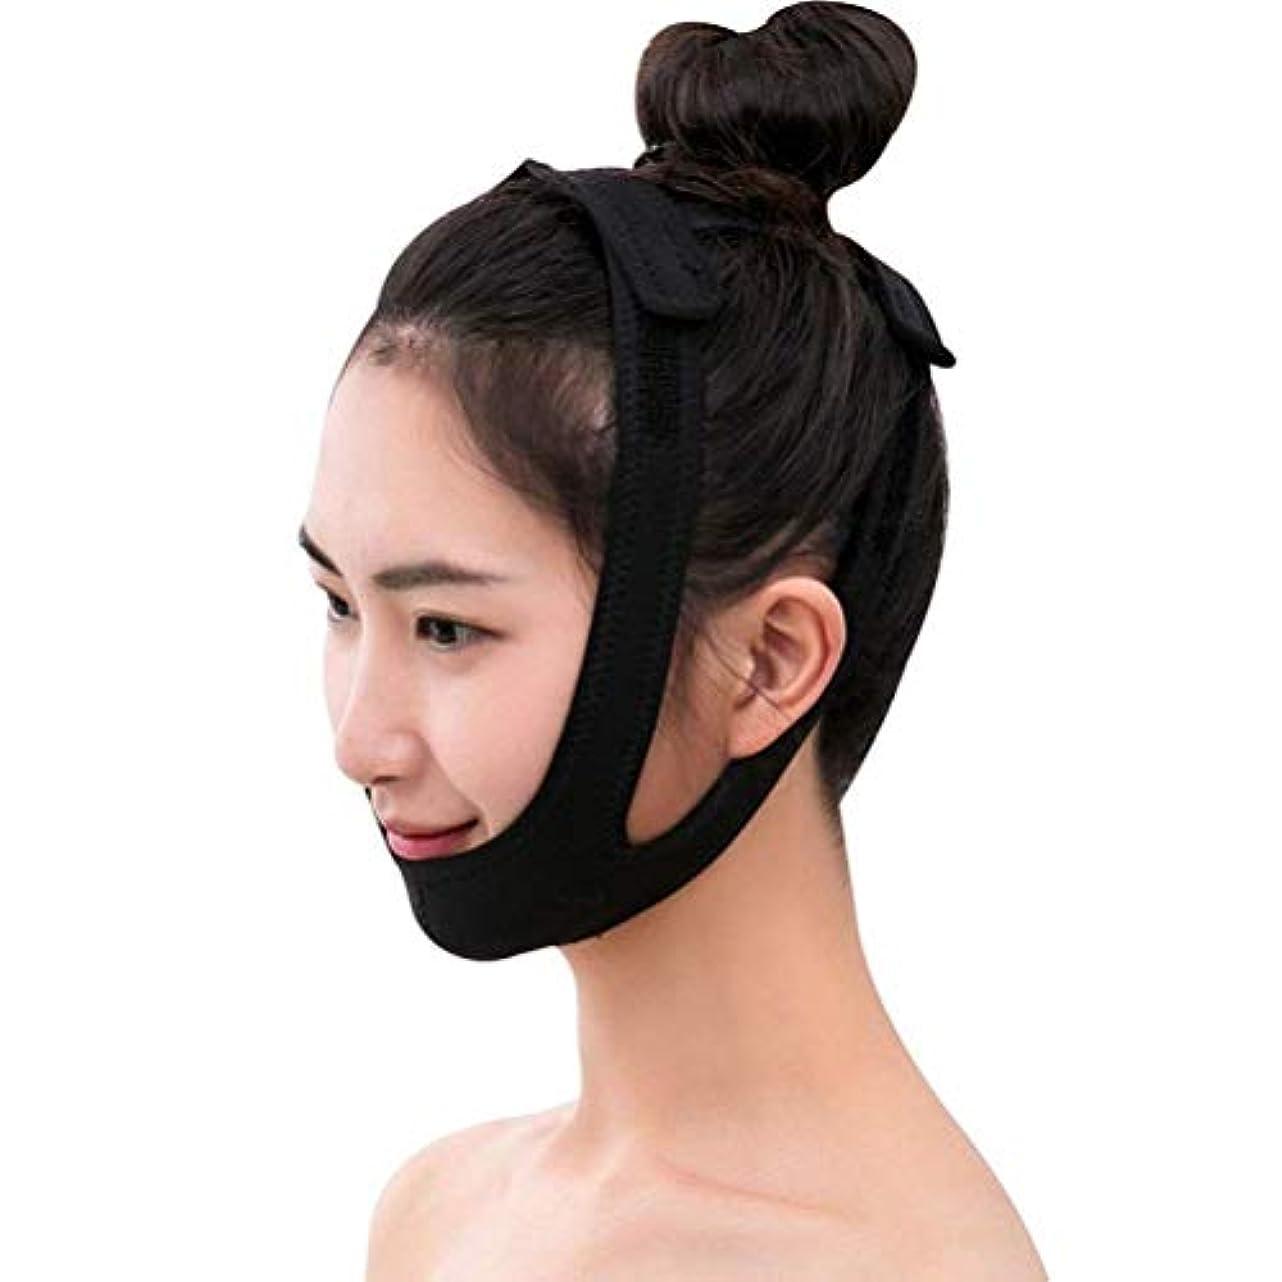 機動良さ不測の事態フェイスリフティングマスク、フェイスリフティング包帯V字型マスク/整形およびリフト/二重あごベルト/美容マスクフェイスリフト/縮小二重あご包帯/顔面矯正ベルト